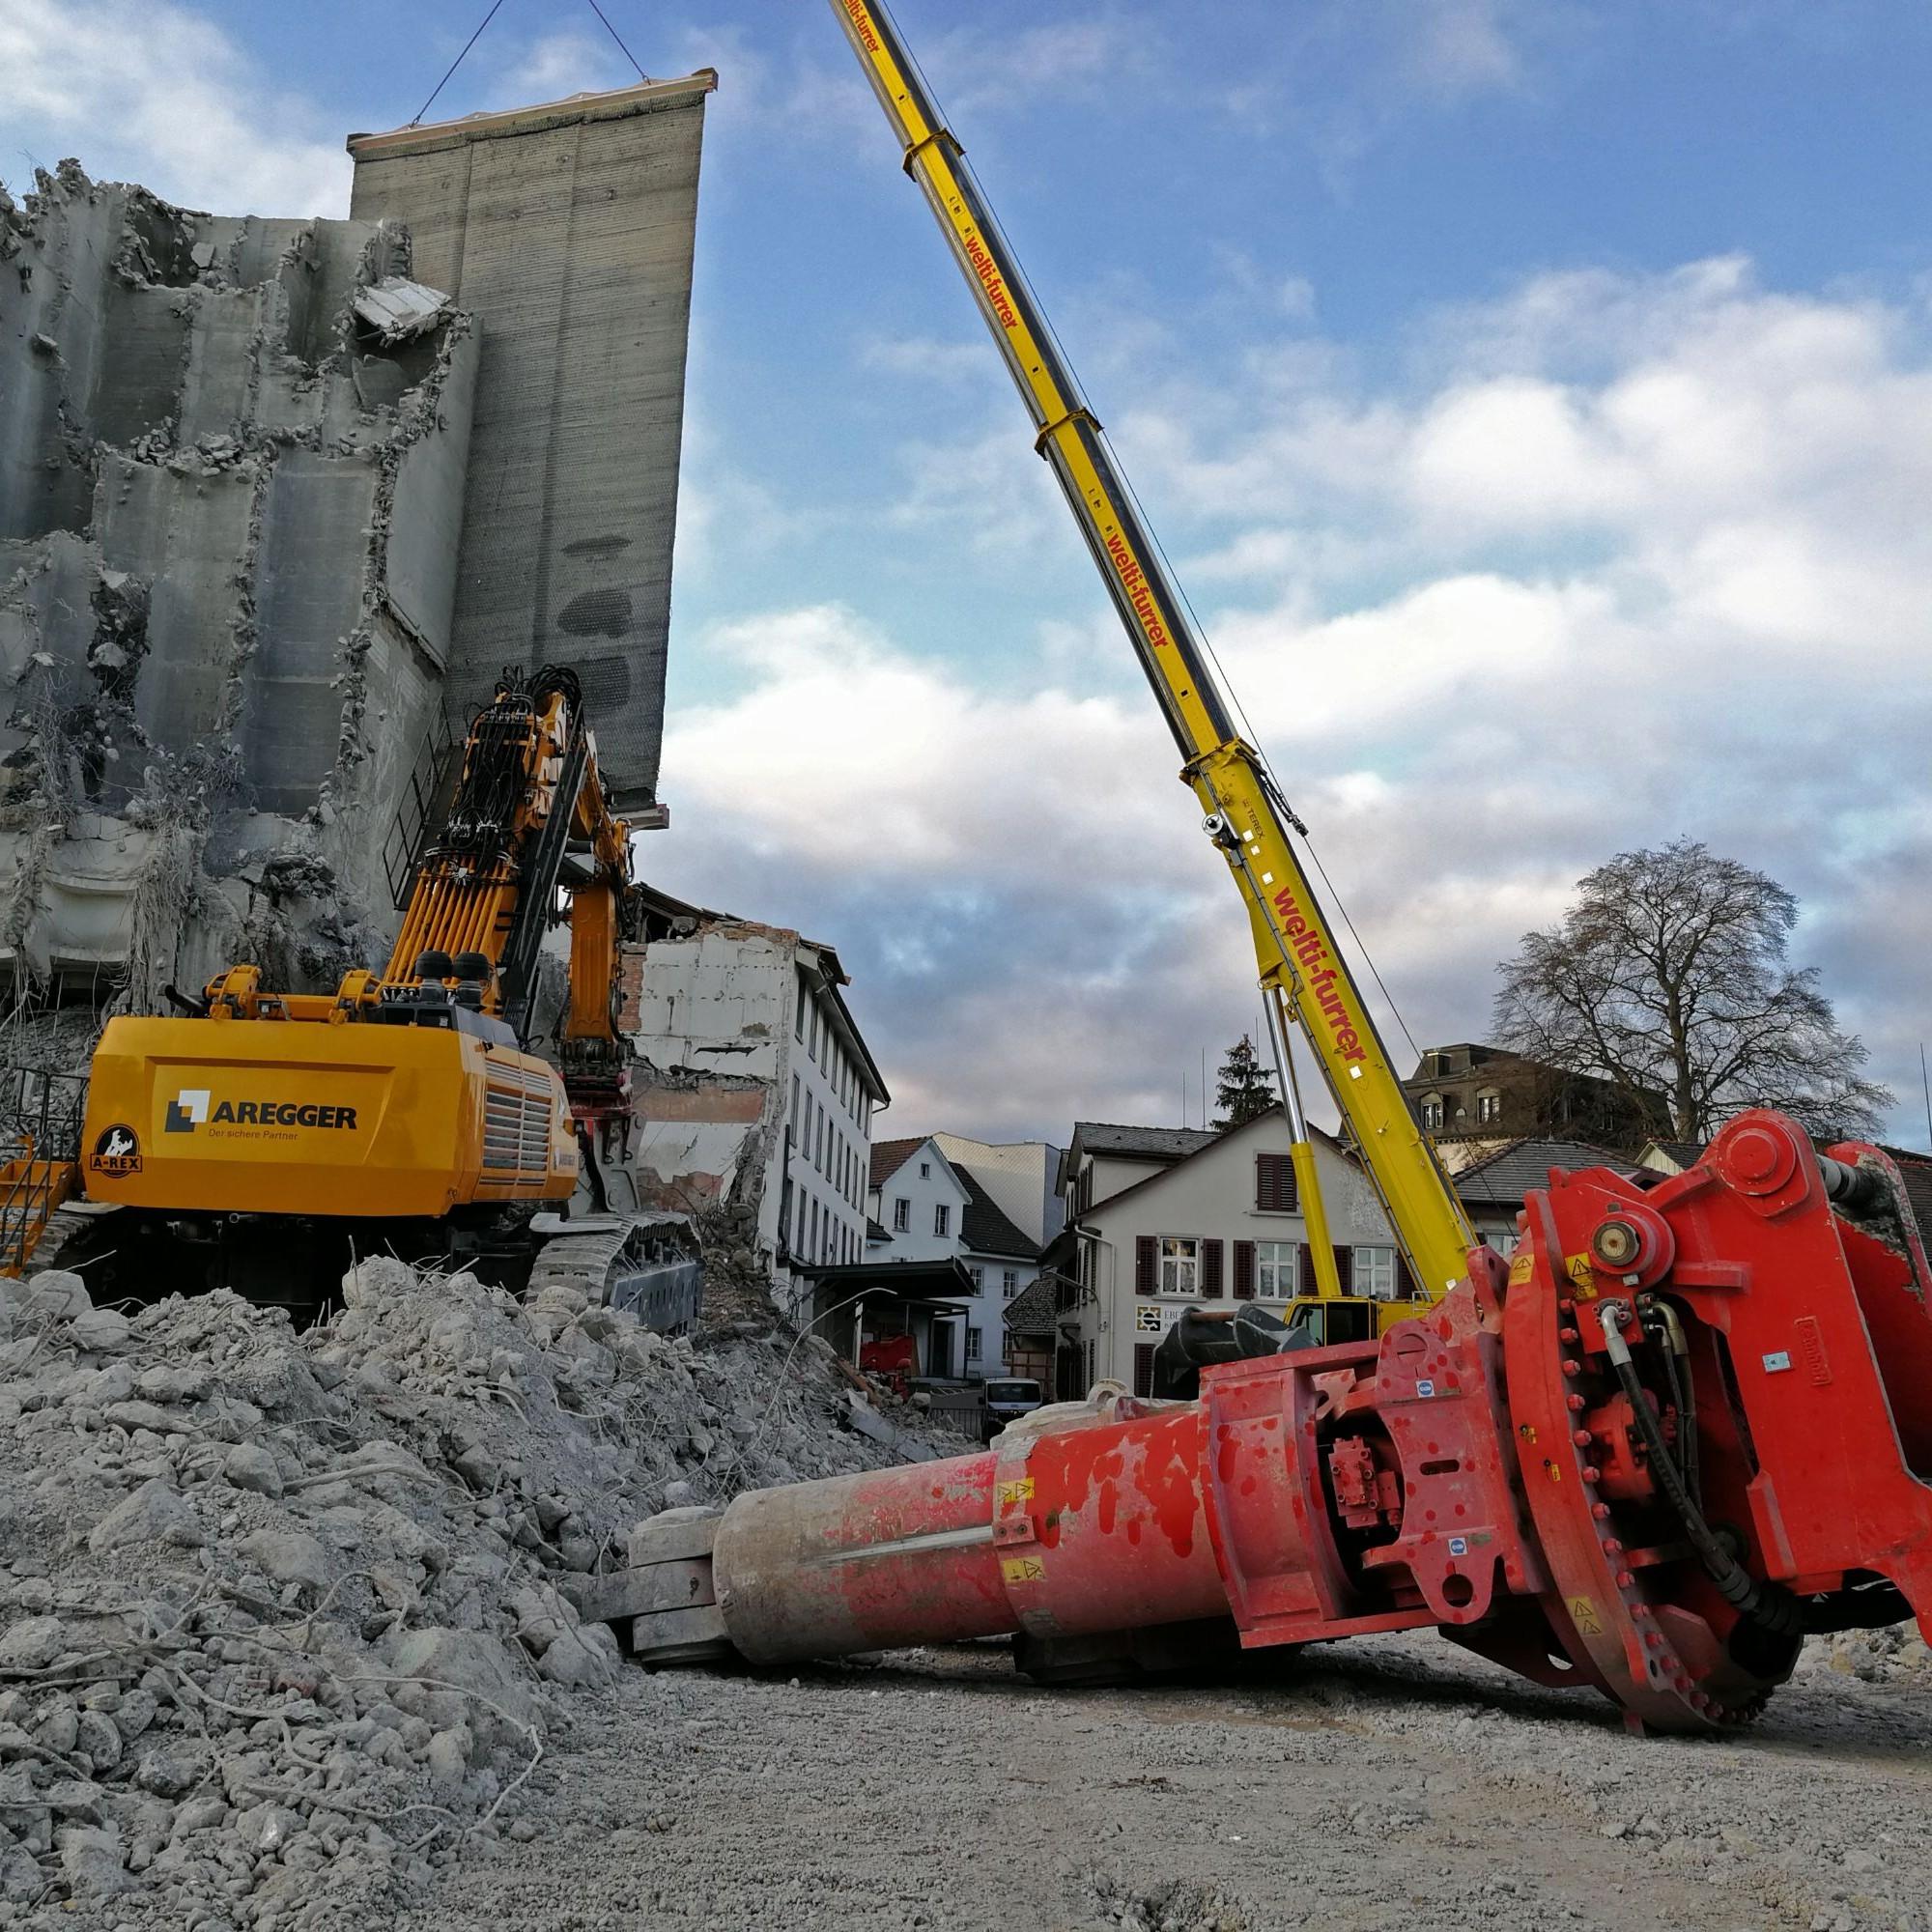 Ein Palfinger positioniert eine dicke Gummimatte als Schutz zwischen Abrissgebäude und dem angrenzenden Haus, das stehen bleiben soll.